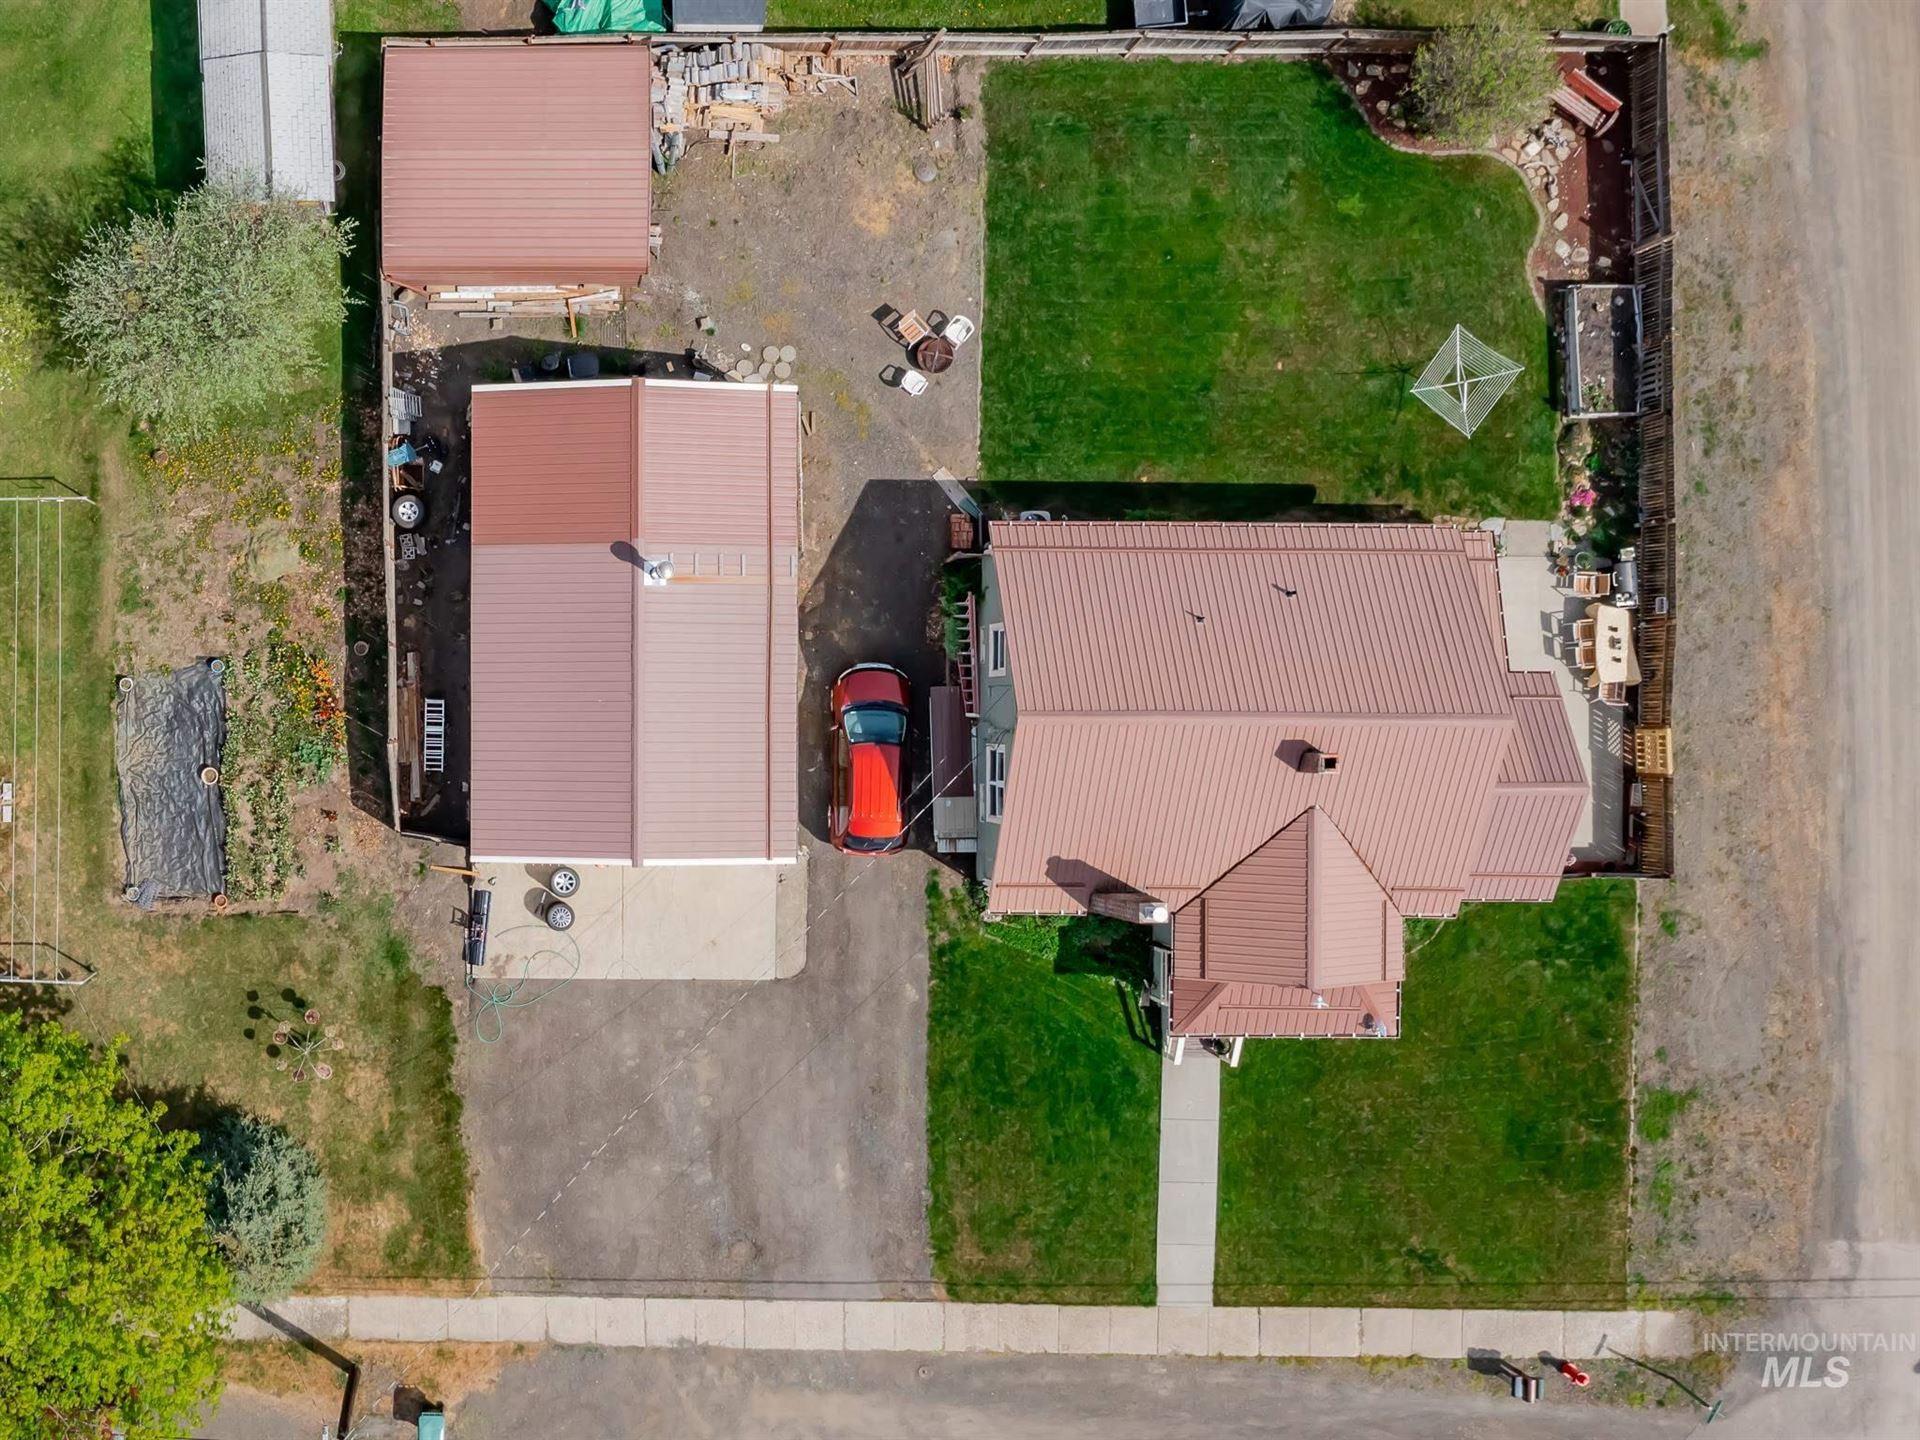 Photo of 711 N State, Grangeville, ID 83530 (MLS # 98803316)